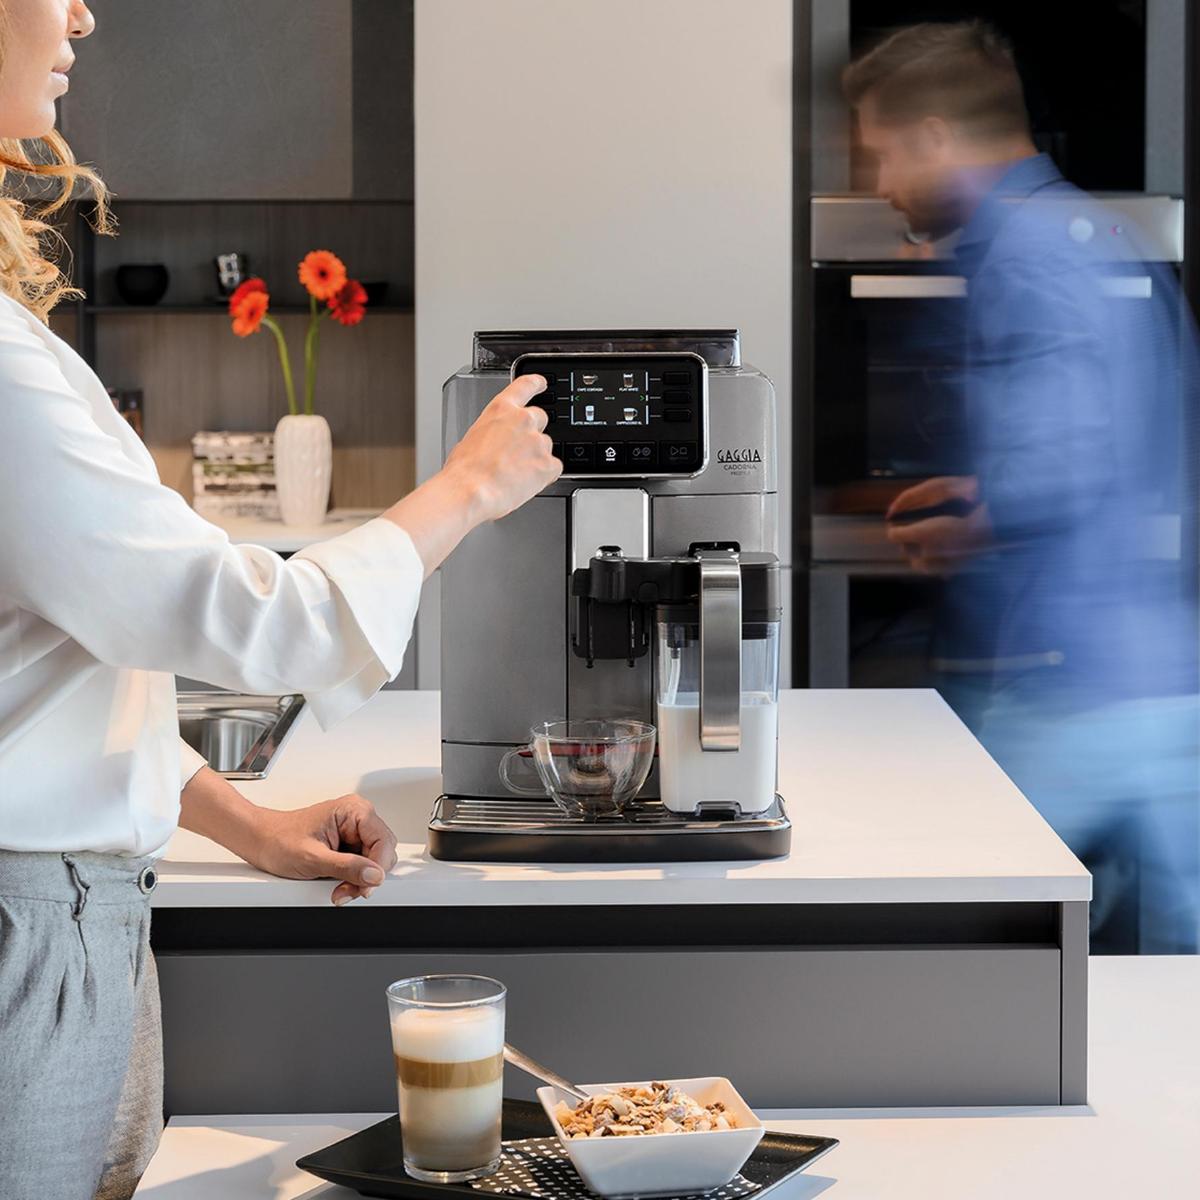 Alta personalização e liberdade de escolha: 4 perfis de usuário diferentes para personalizar e memorizar todas as bebidas disponíveis de acordo com as preferências individuais.